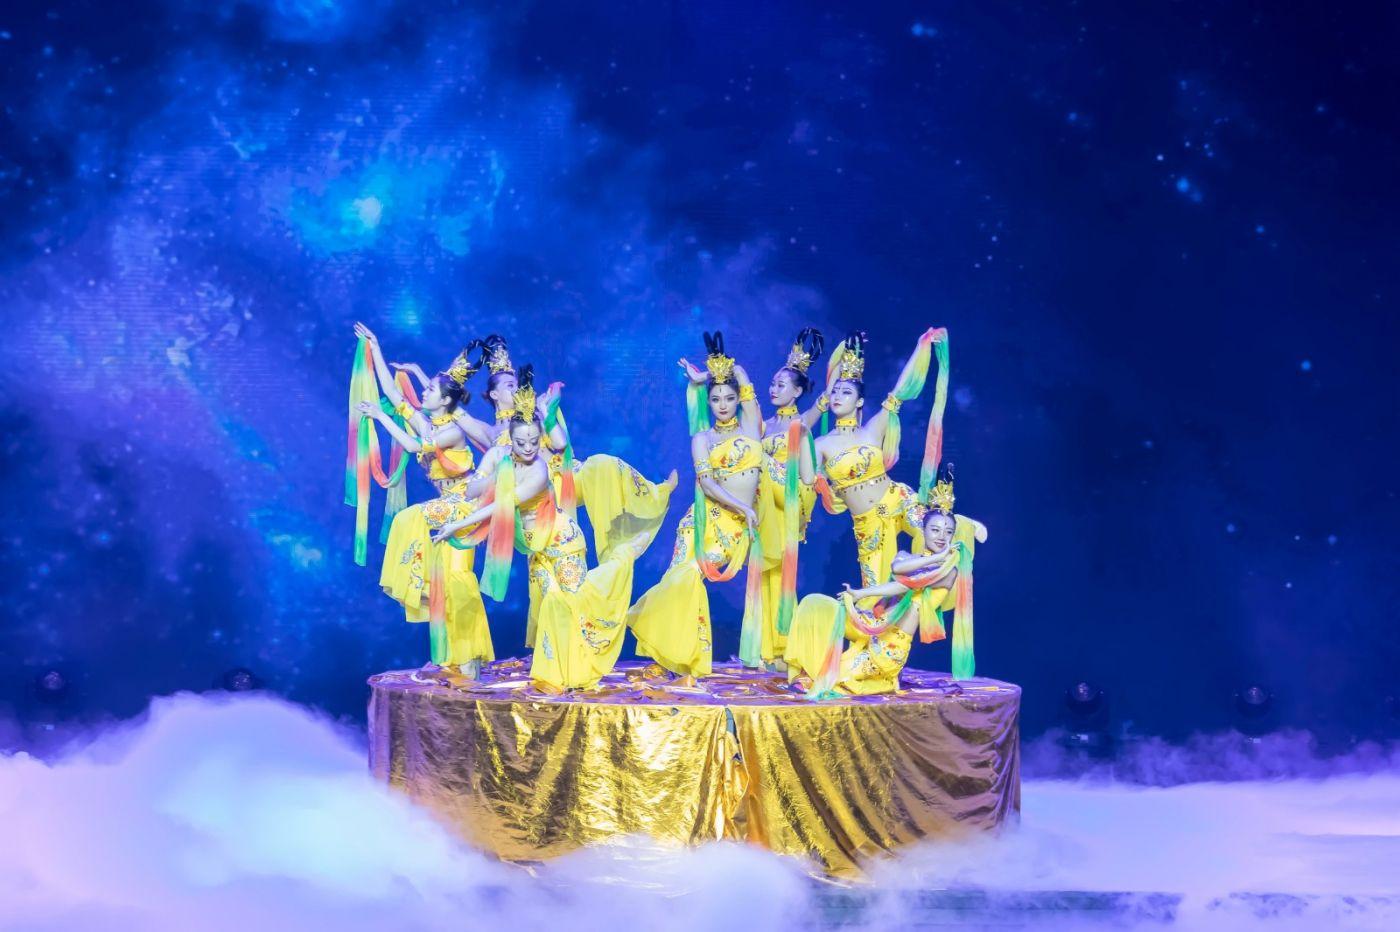 沂蒙大地上 有一种舞蹈叫飞天 这是几位临沂女孩的杰作 美轮美奂 ..._图1-4